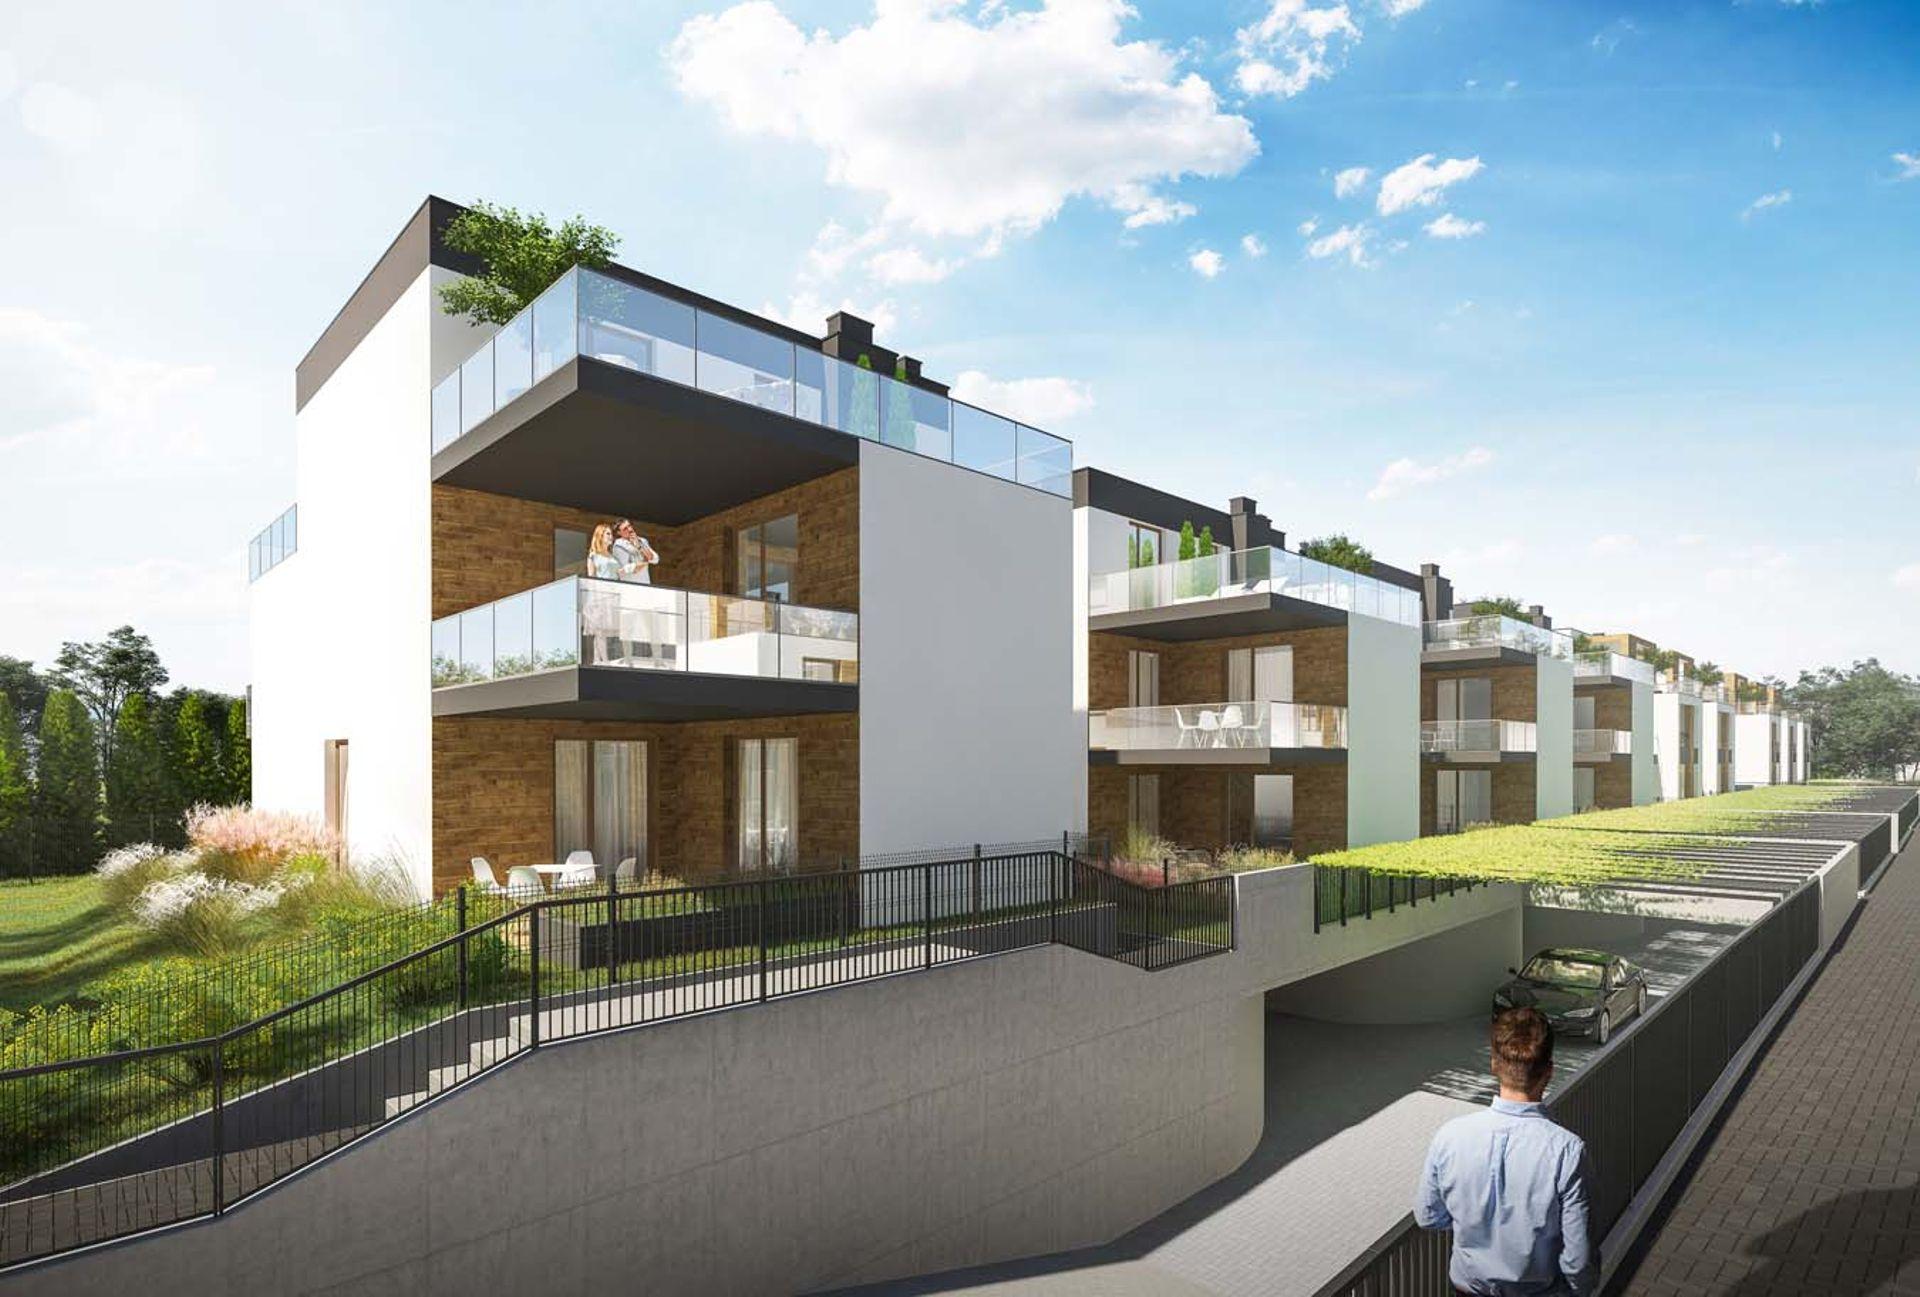 Wrocław: Atal Oporów –  deweloper sprzedaje ponad 100 mieszkań w blokach i domach